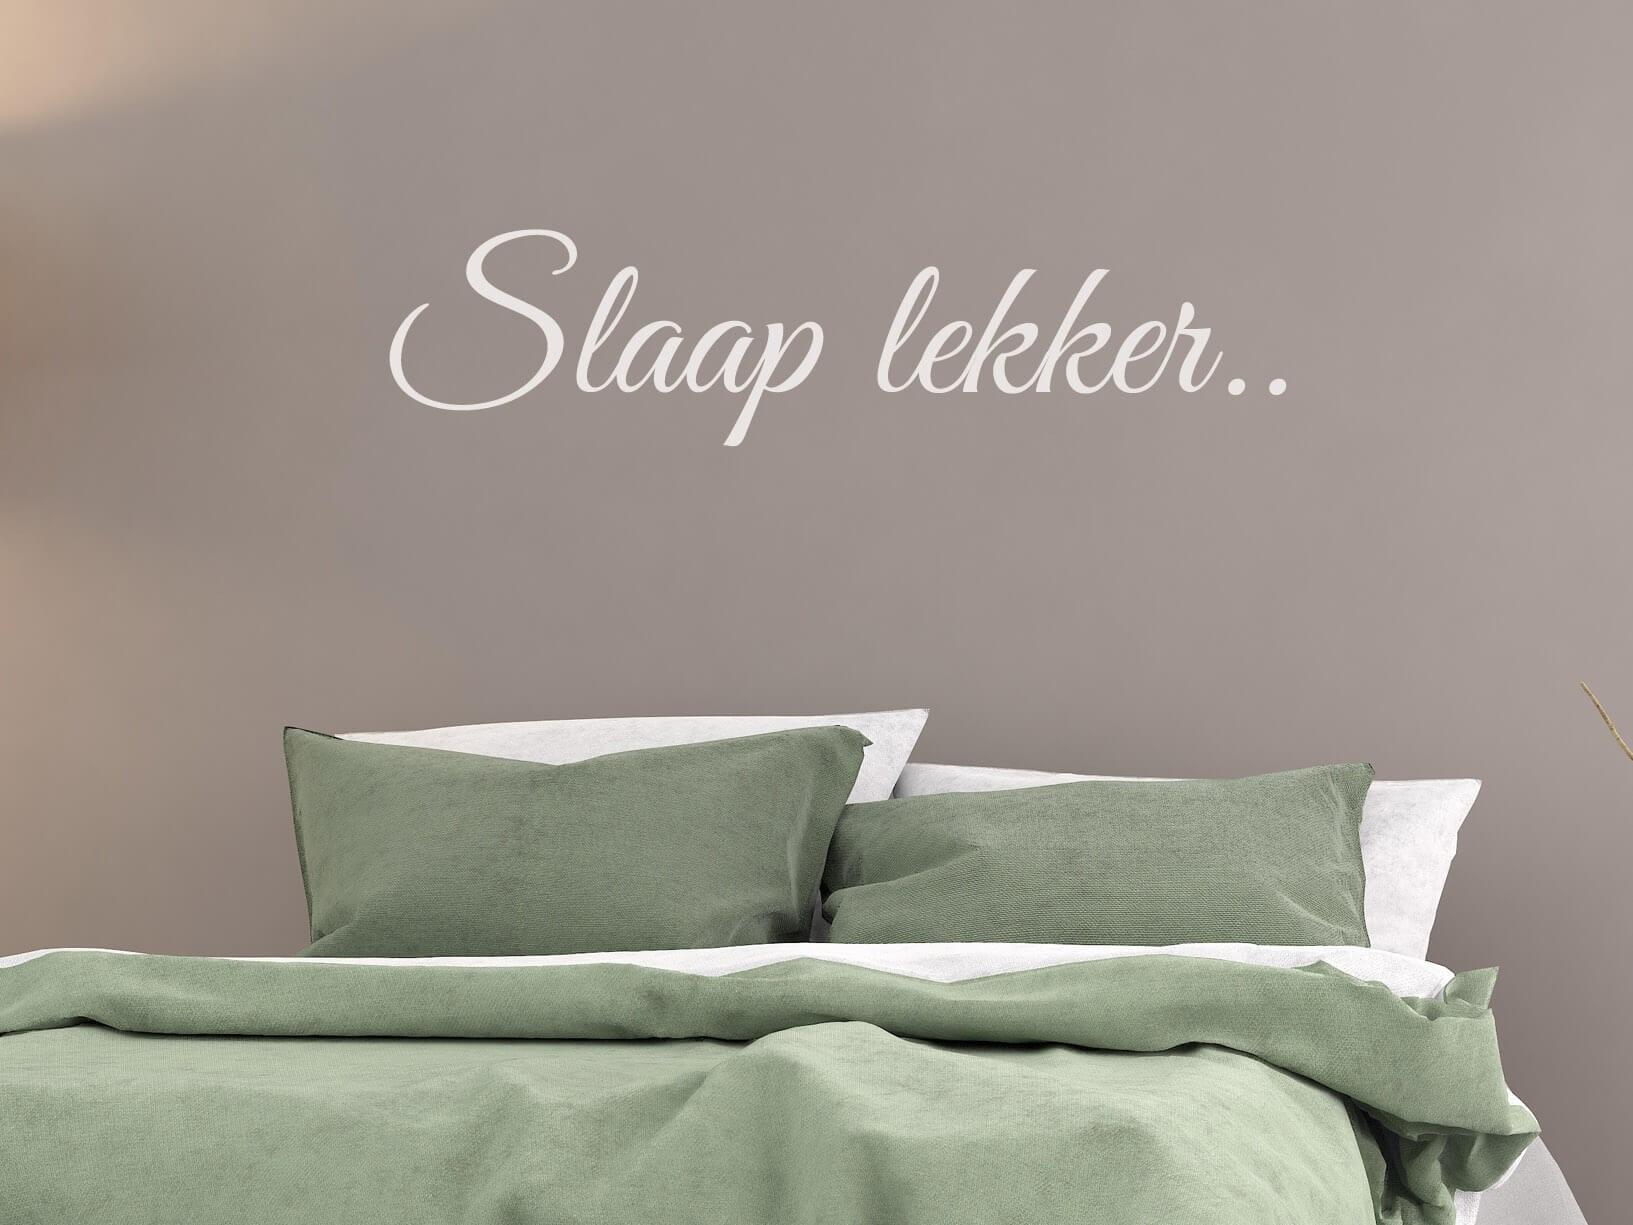 Muursticker u0026quot;Slaap lekker..u0026quot;